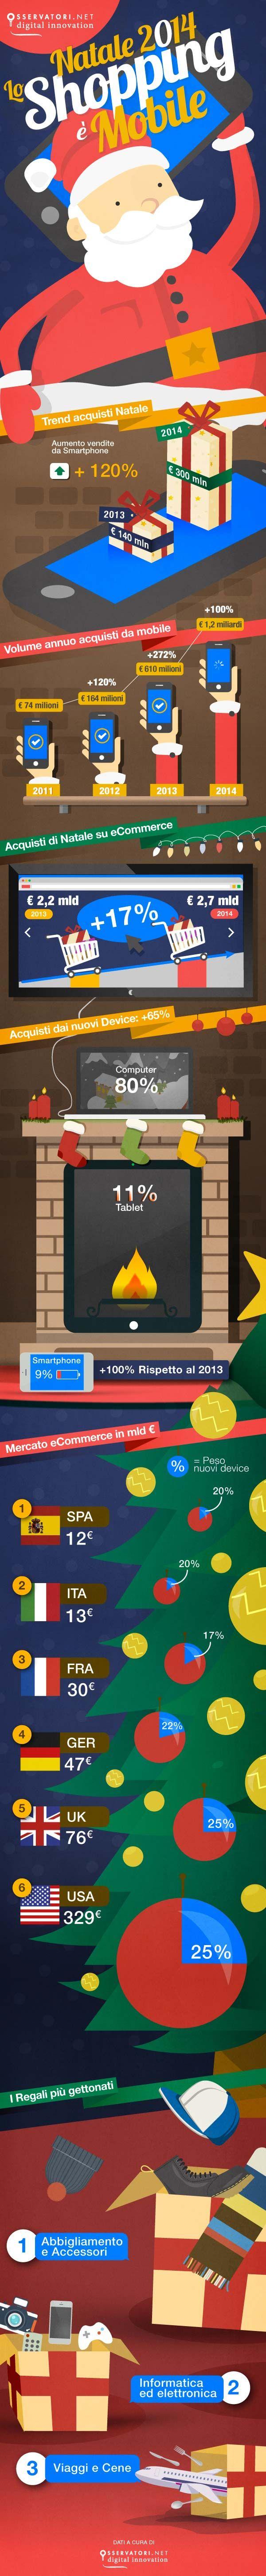 #Natale2014, i regali si acquistano via #Mobile - #Infografica